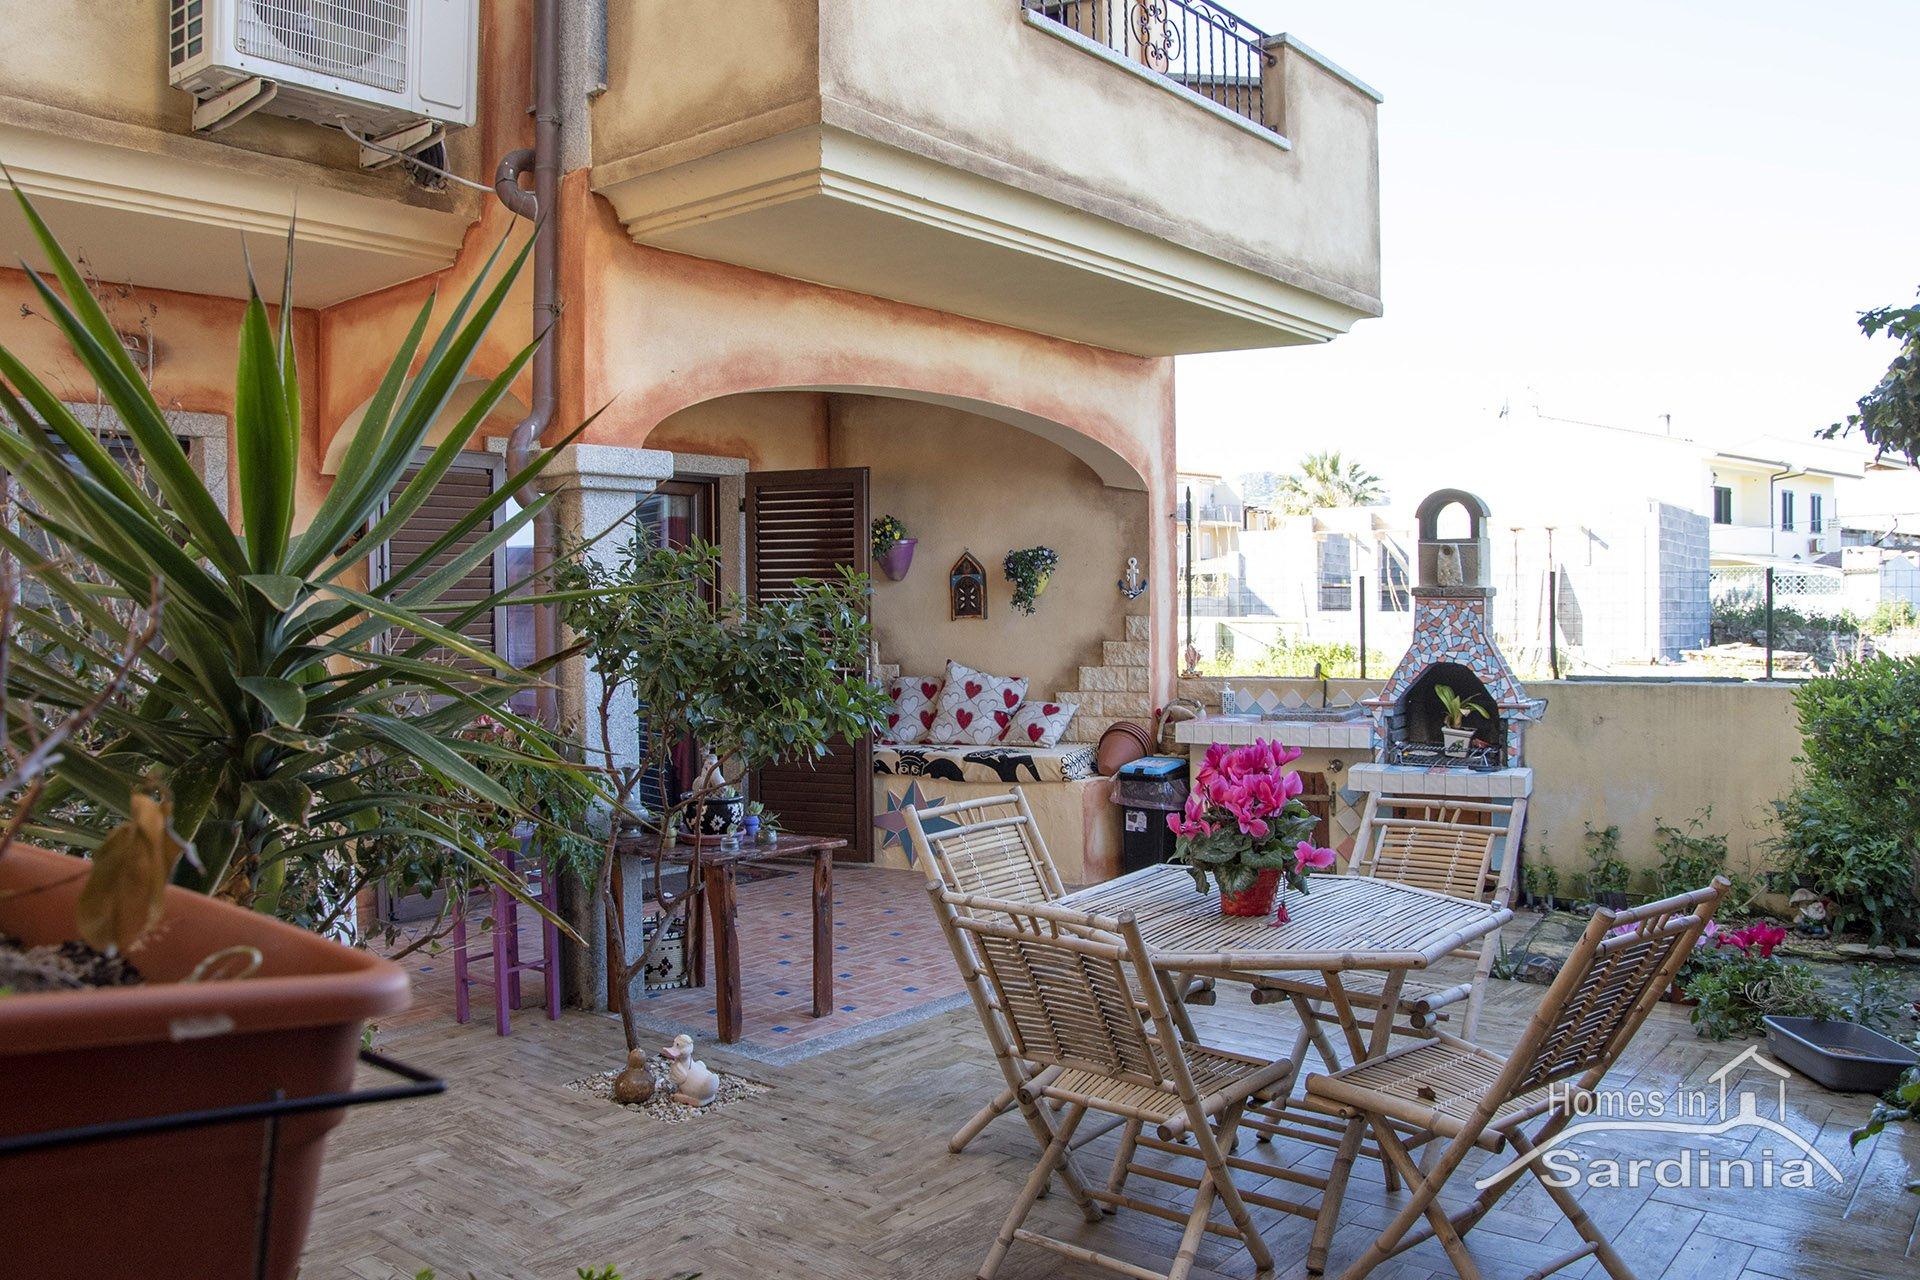 Casa in vendita a Valledoria, spazioso patio esterno e bella vista mare